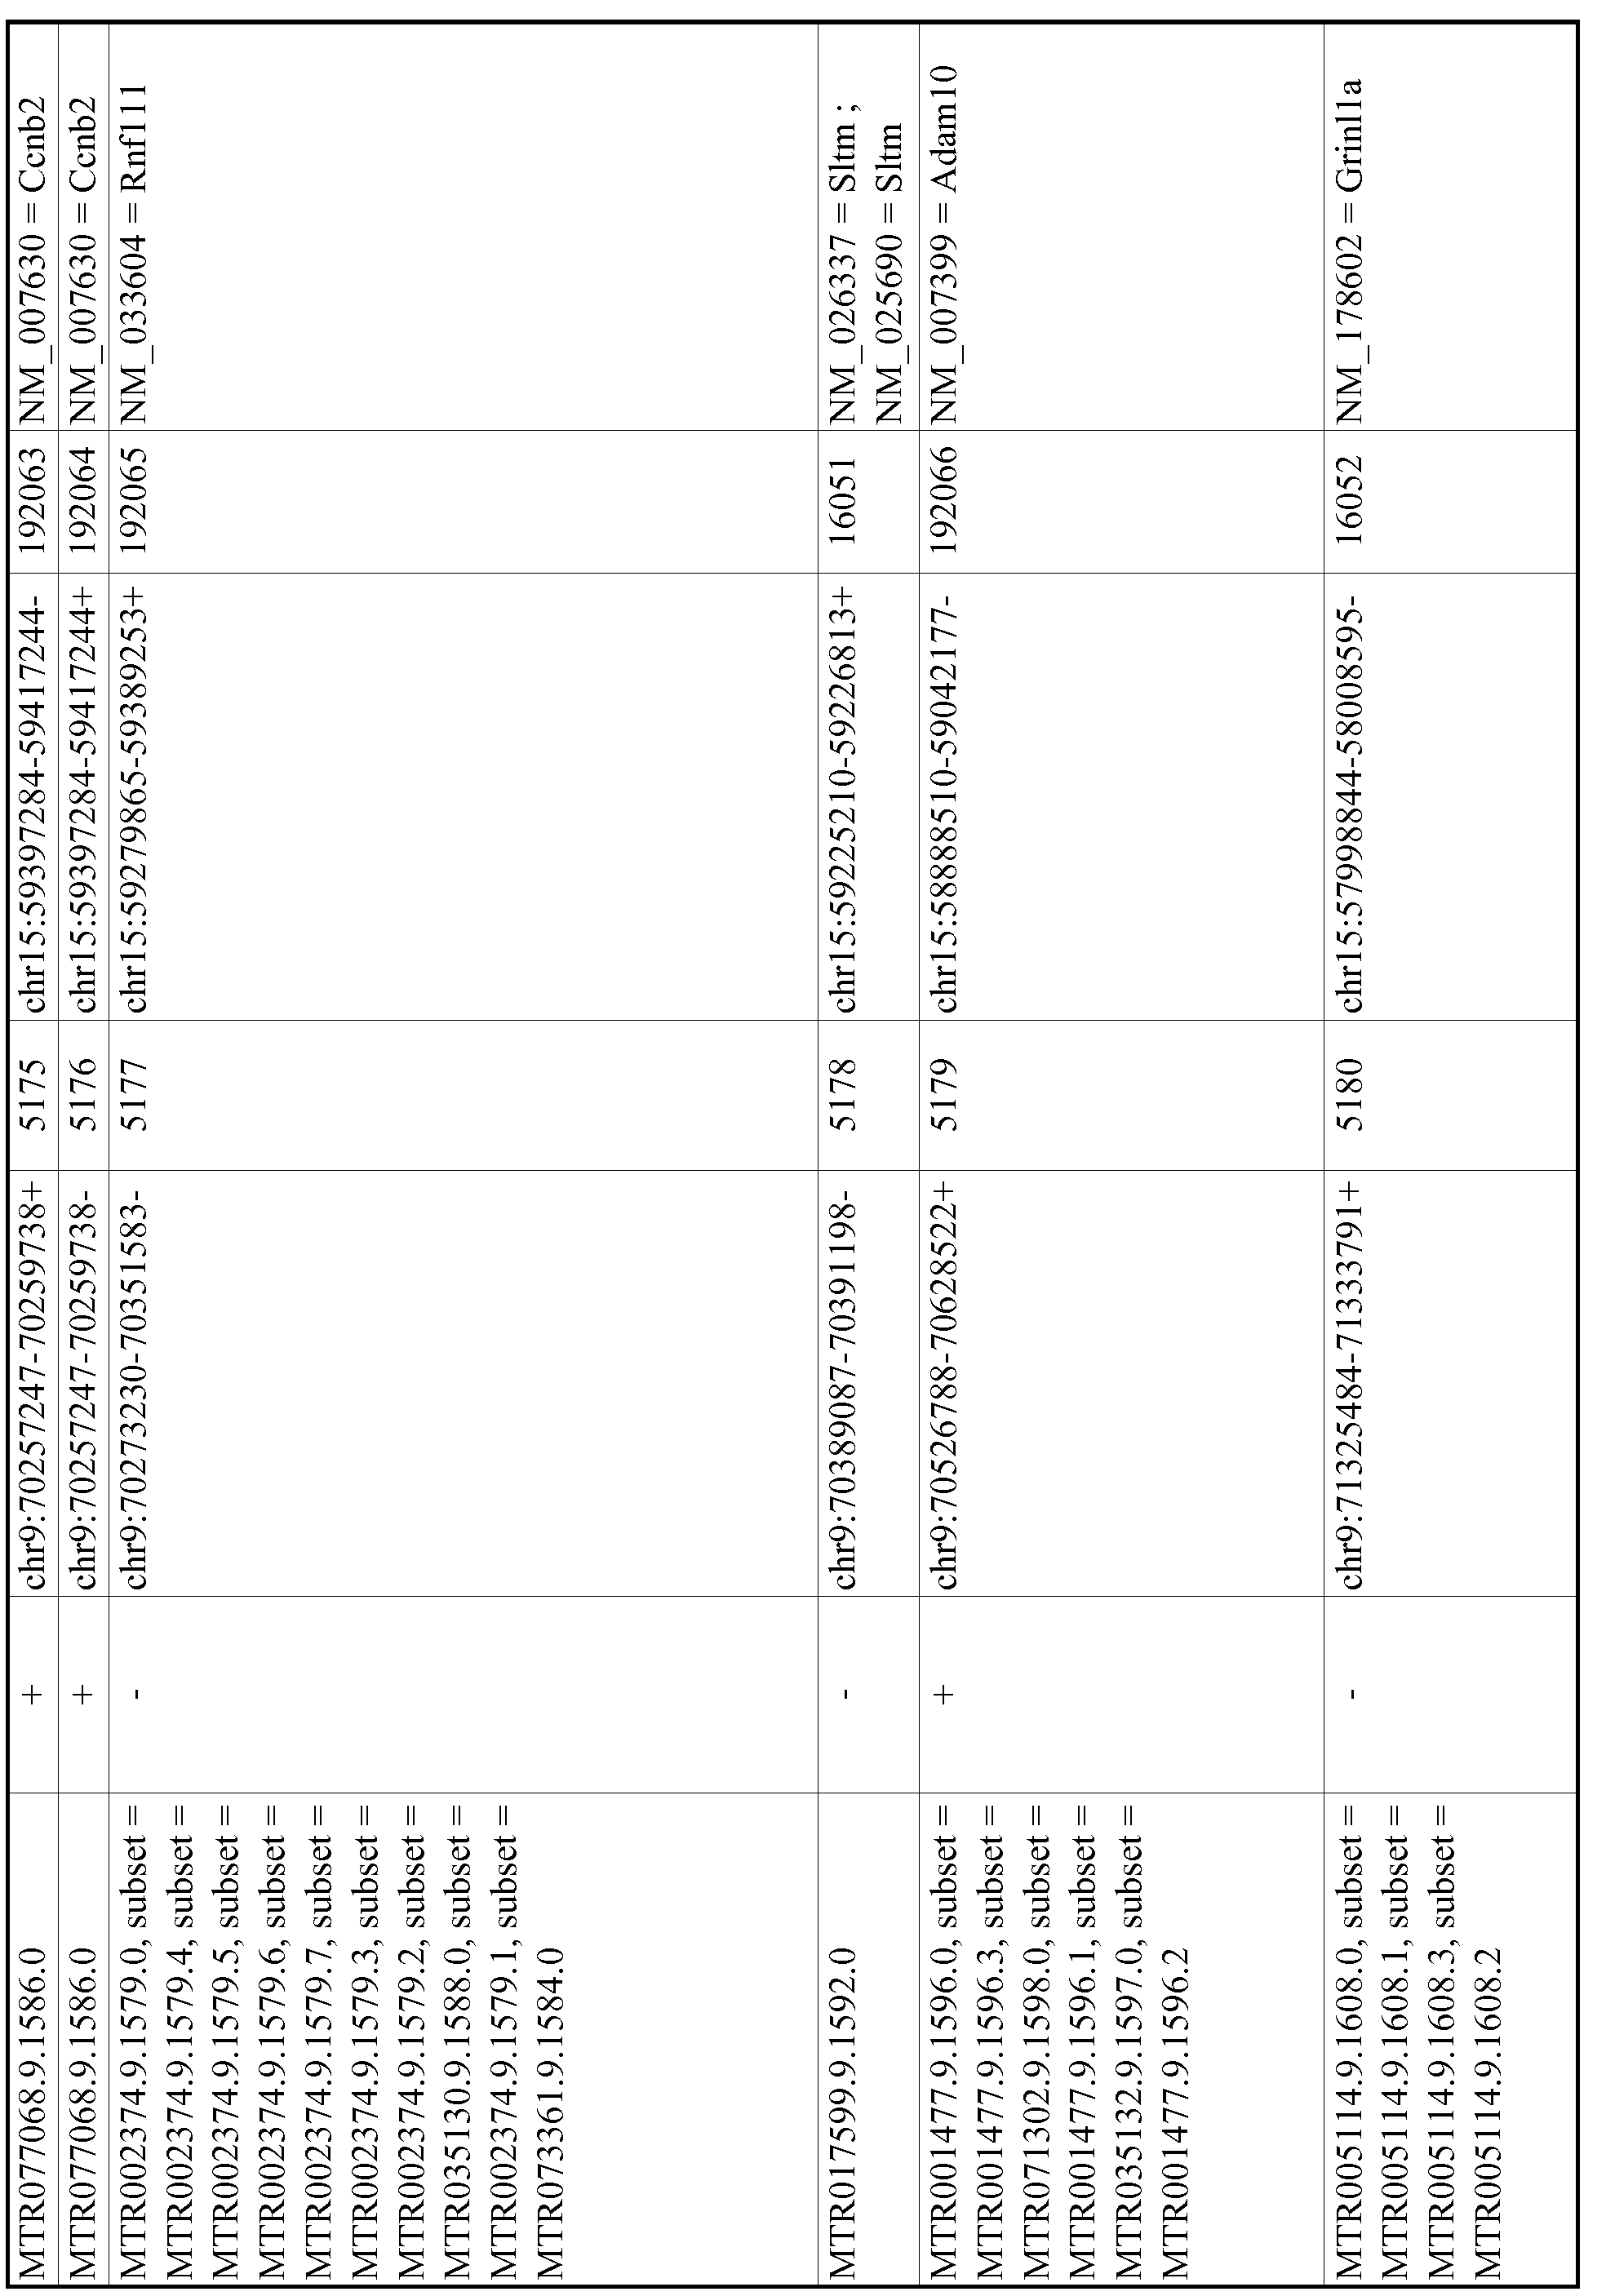 Figure imgf000941_0001